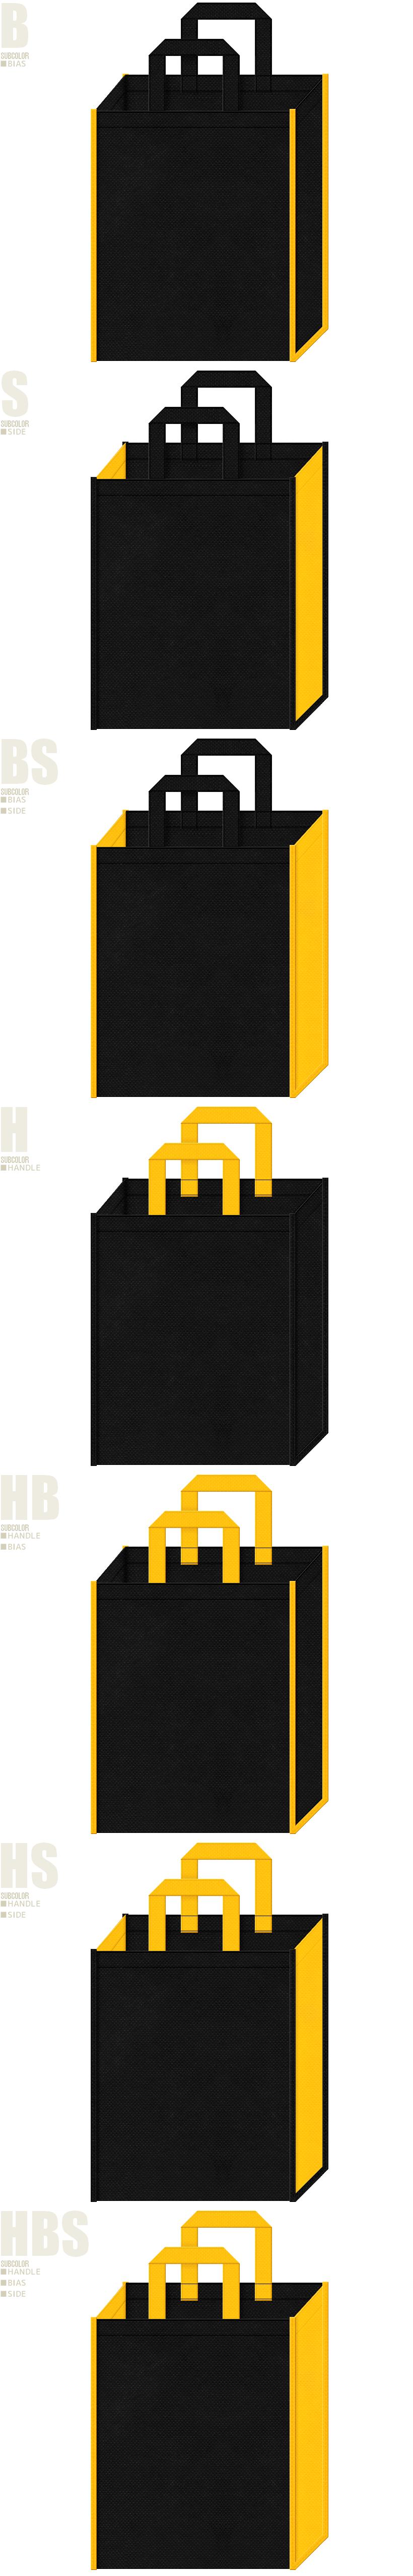 黒色と黄色、7パターンの不織布トートバッグ配色デザイン例。カー用品・スポーツ用品・安全用品の展示会用バッグにお奨めです。